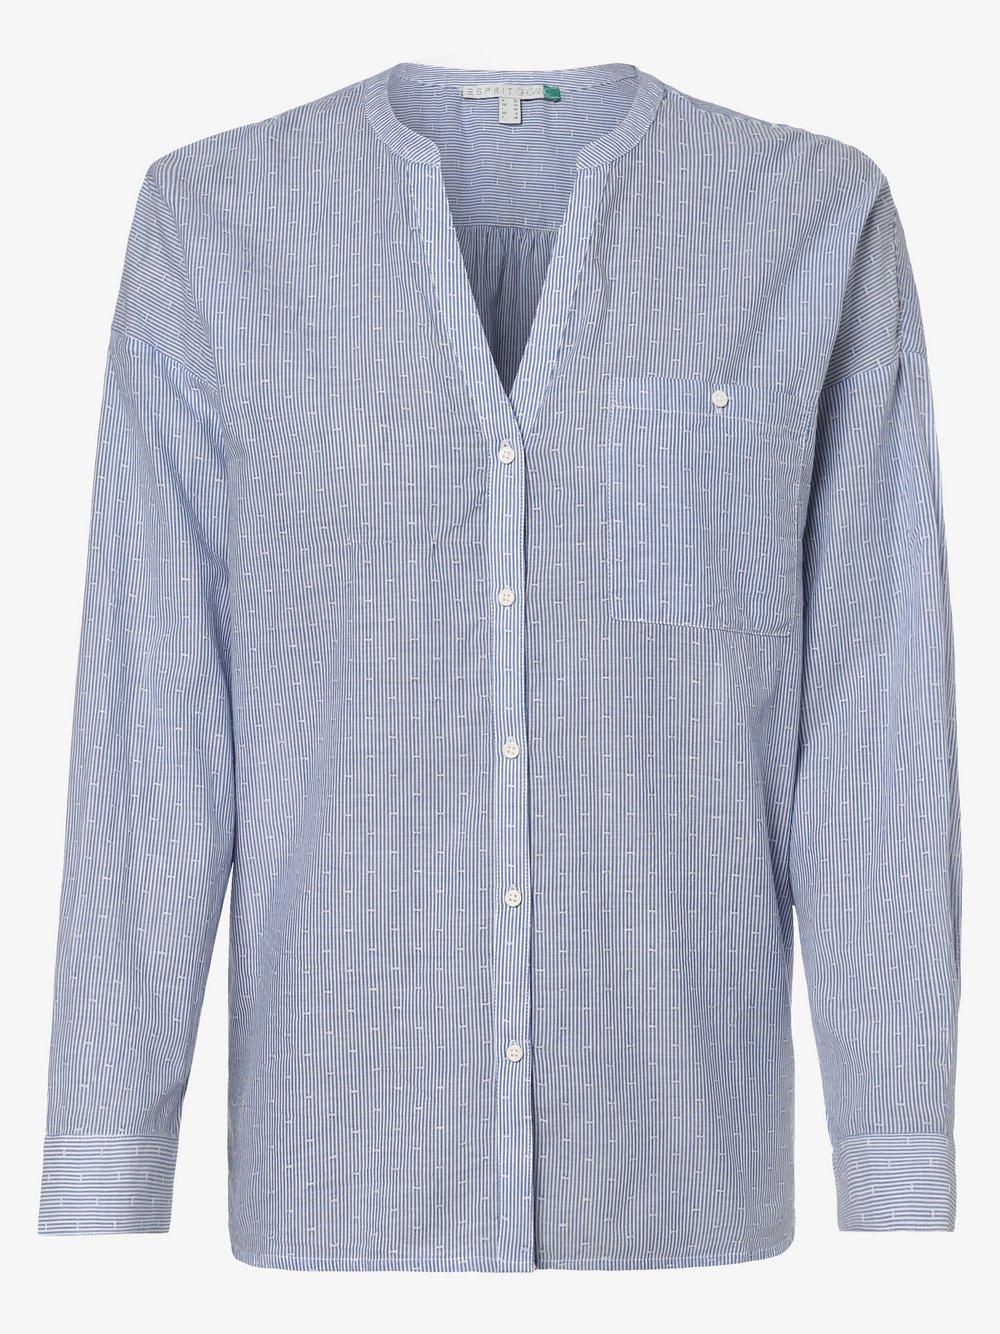 Esprit Casual – Bluzka damska, niebieski Van Graaf 453575-0001